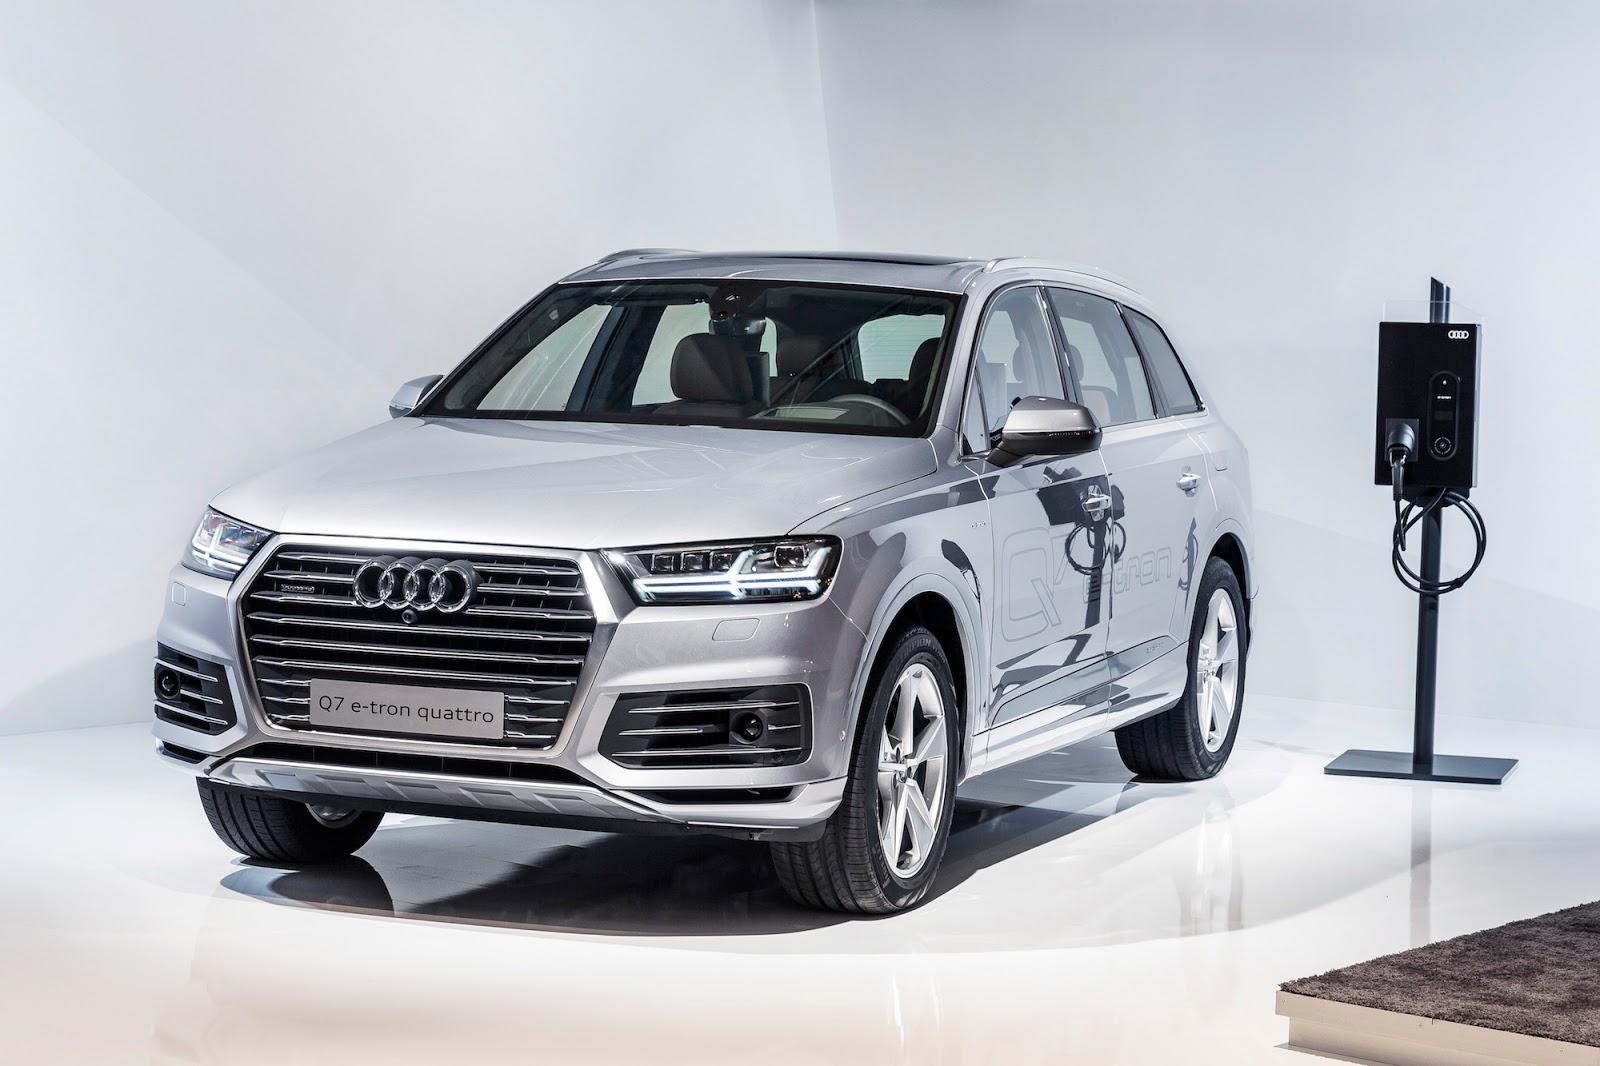 Audi Q7 chạy điện là một bước đi táo bạo của Volkswagen